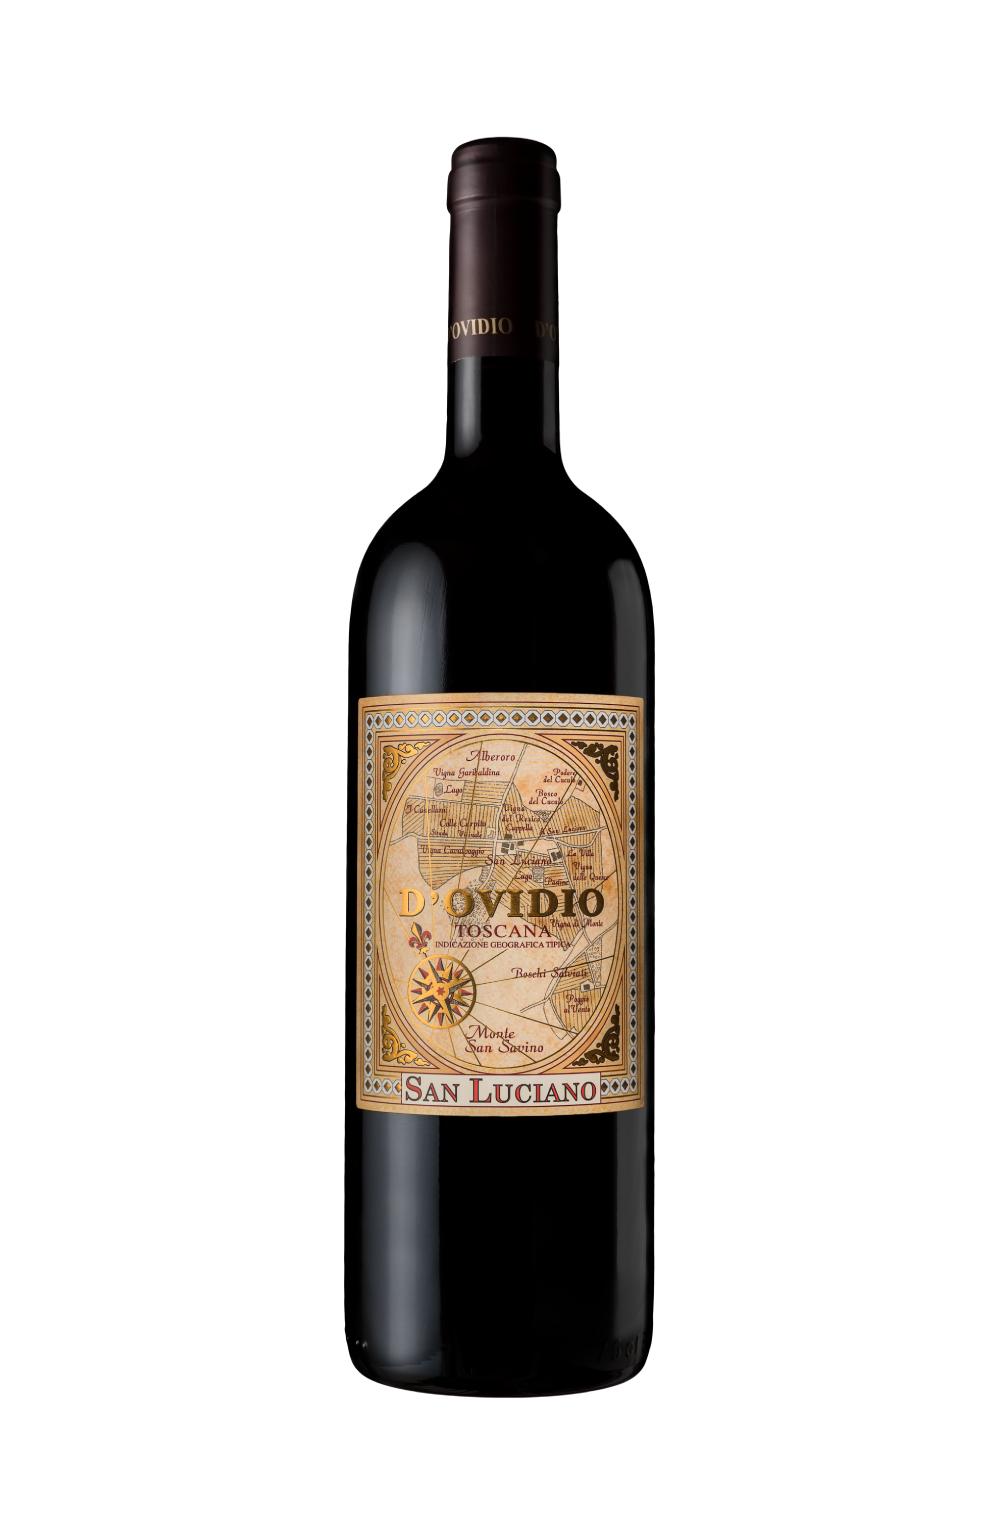 D'Ovidio Toscana Rosso I.G.T. 2011 - 0,75 Lt